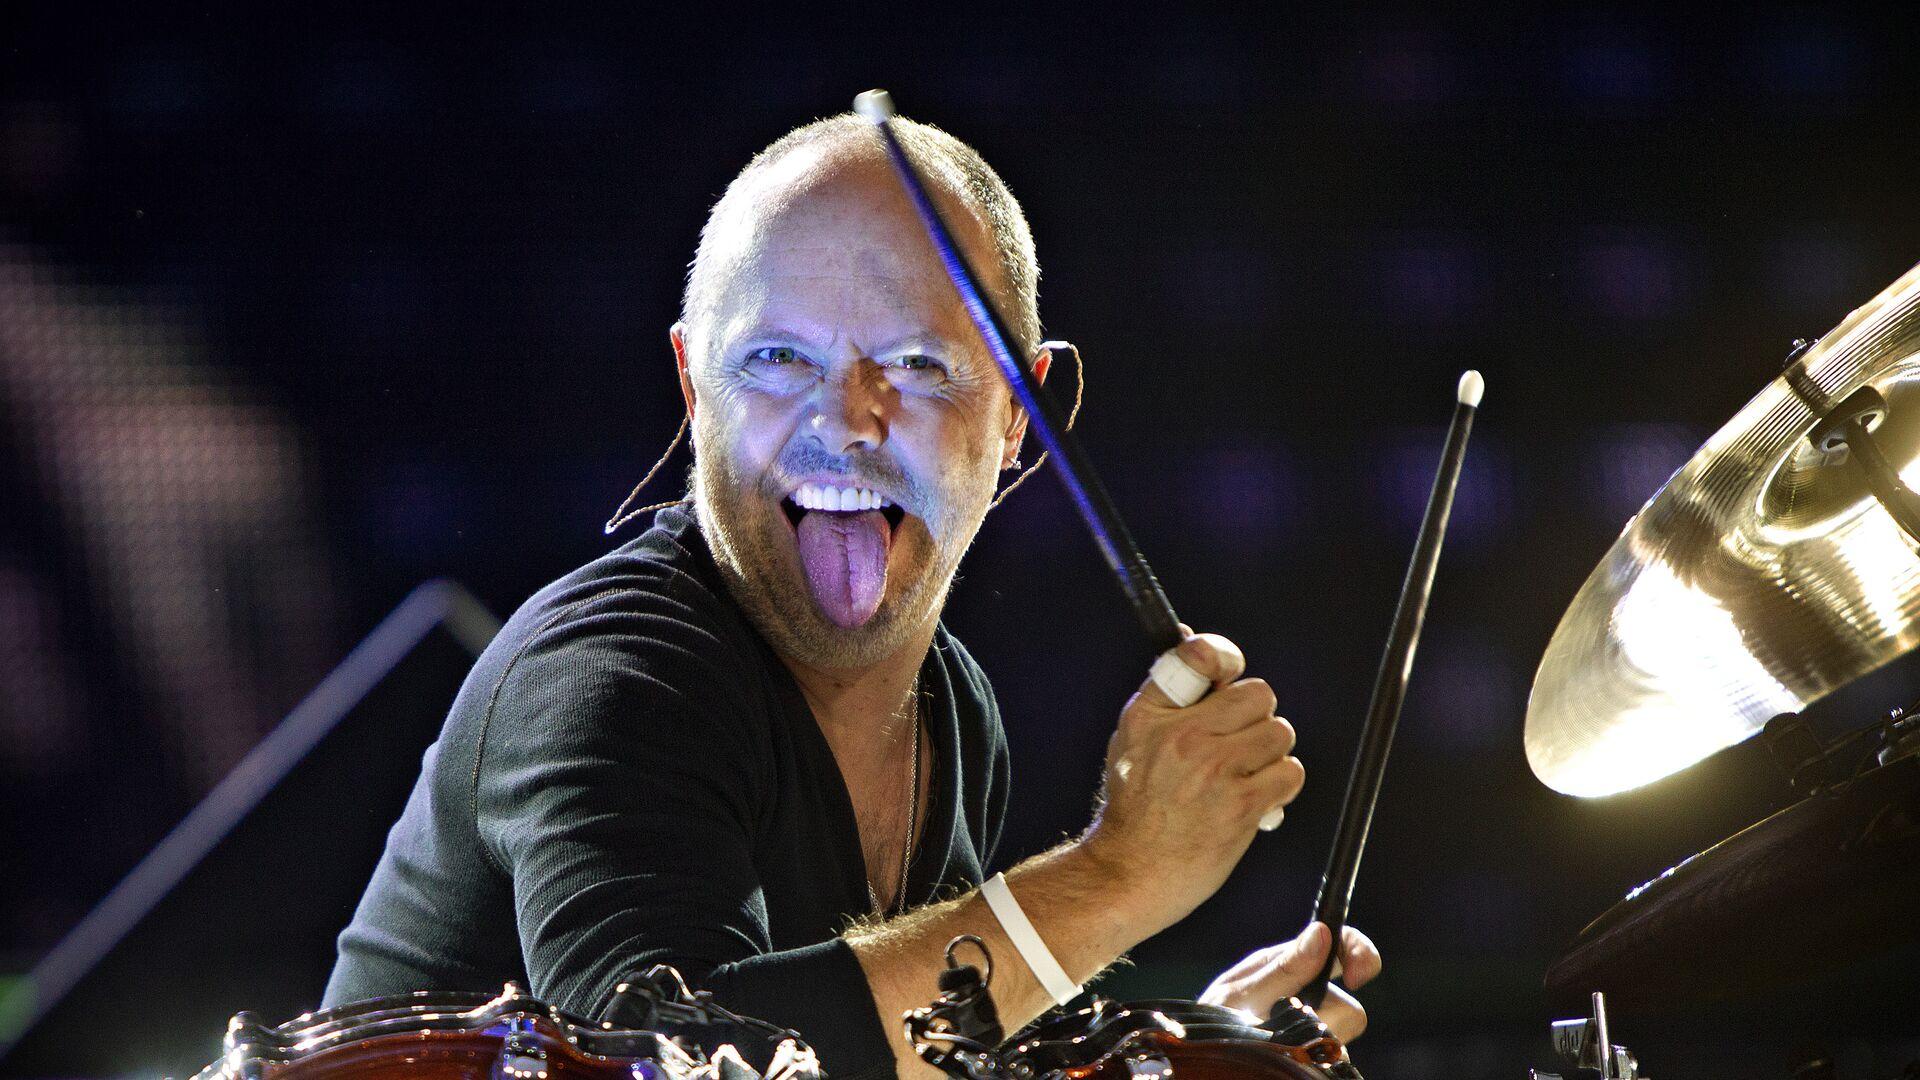 Барабанщик группы Metallica Ларс Ульрих выступает в бывшей государственной тюрьме в городе Хорсенс, Дания - РИА Новости, 1920, 03.08.2020